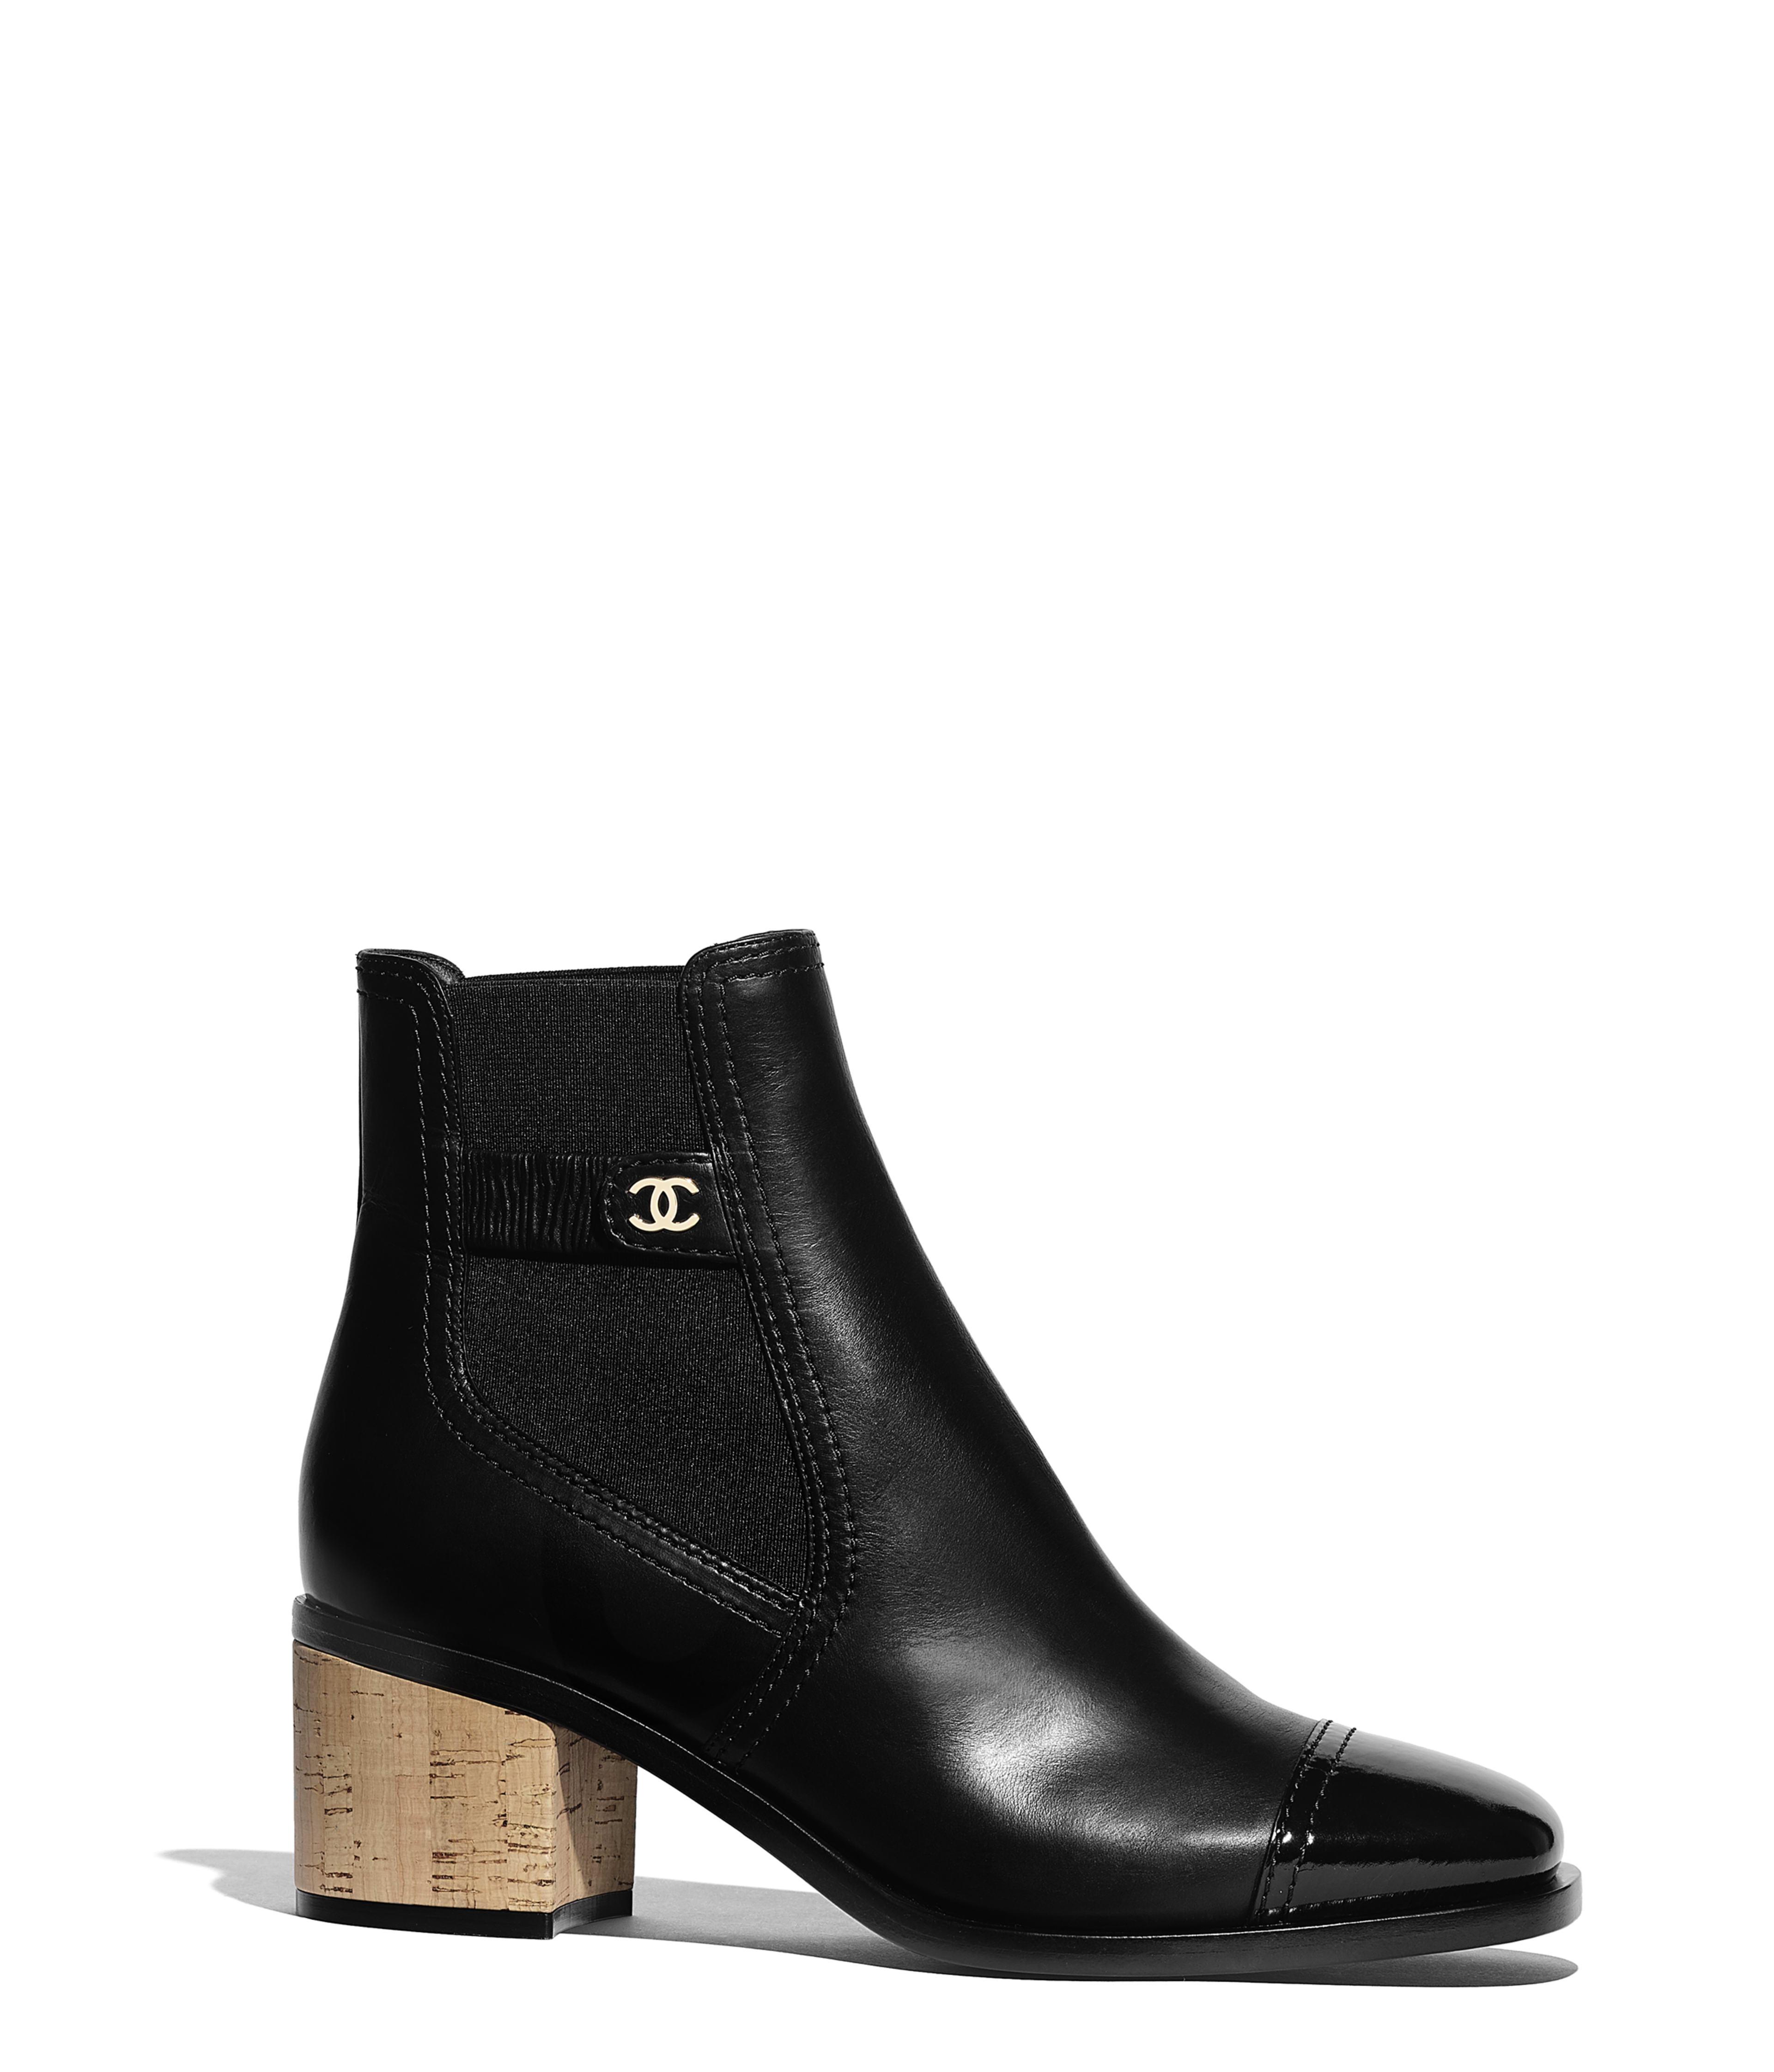 f9cbce000be1d2 Short Boots Calfskin, Patent Calfskin & Cork, Black Ref. G35046Y5333794305